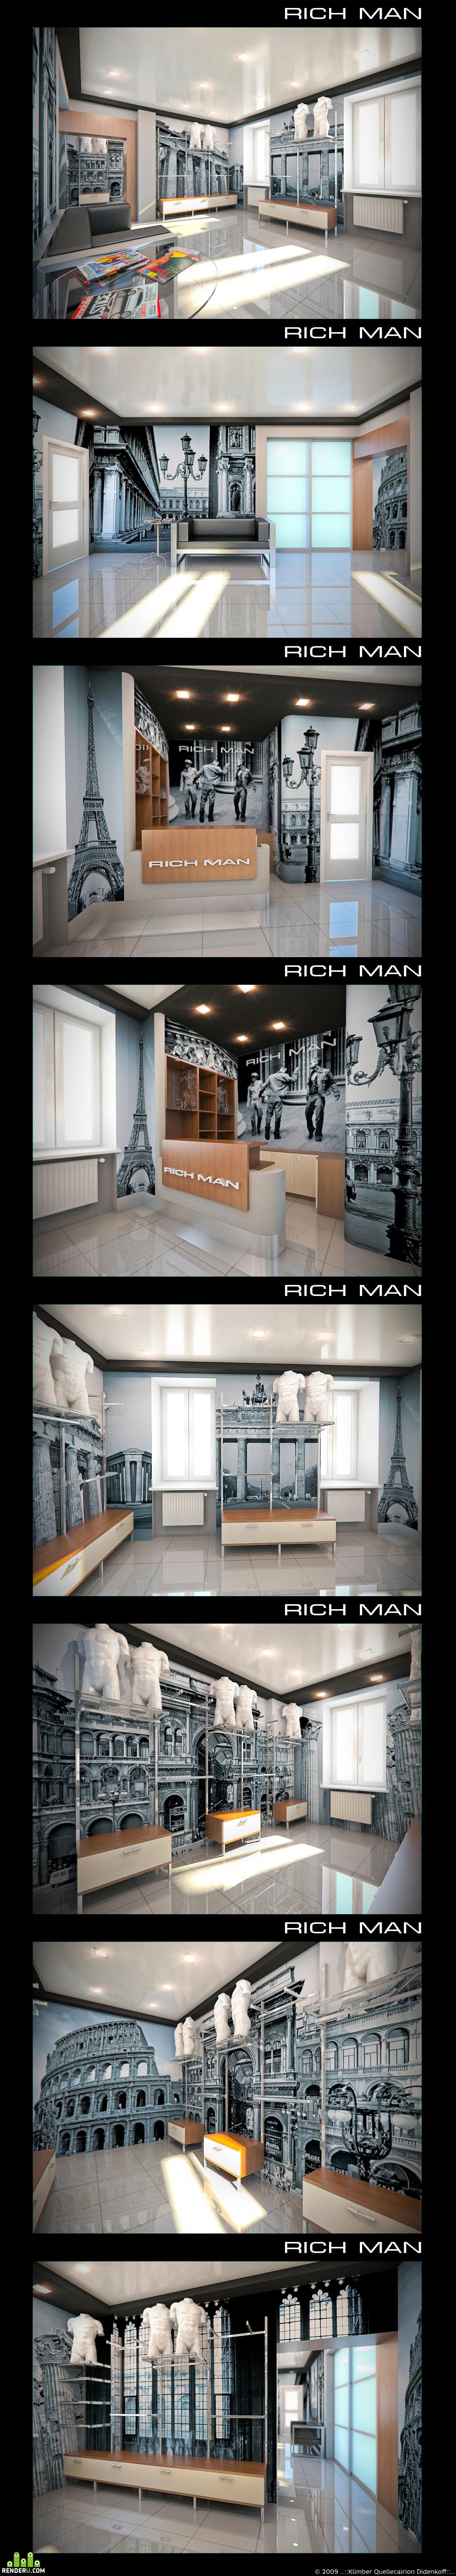 preview Rich man - magazin